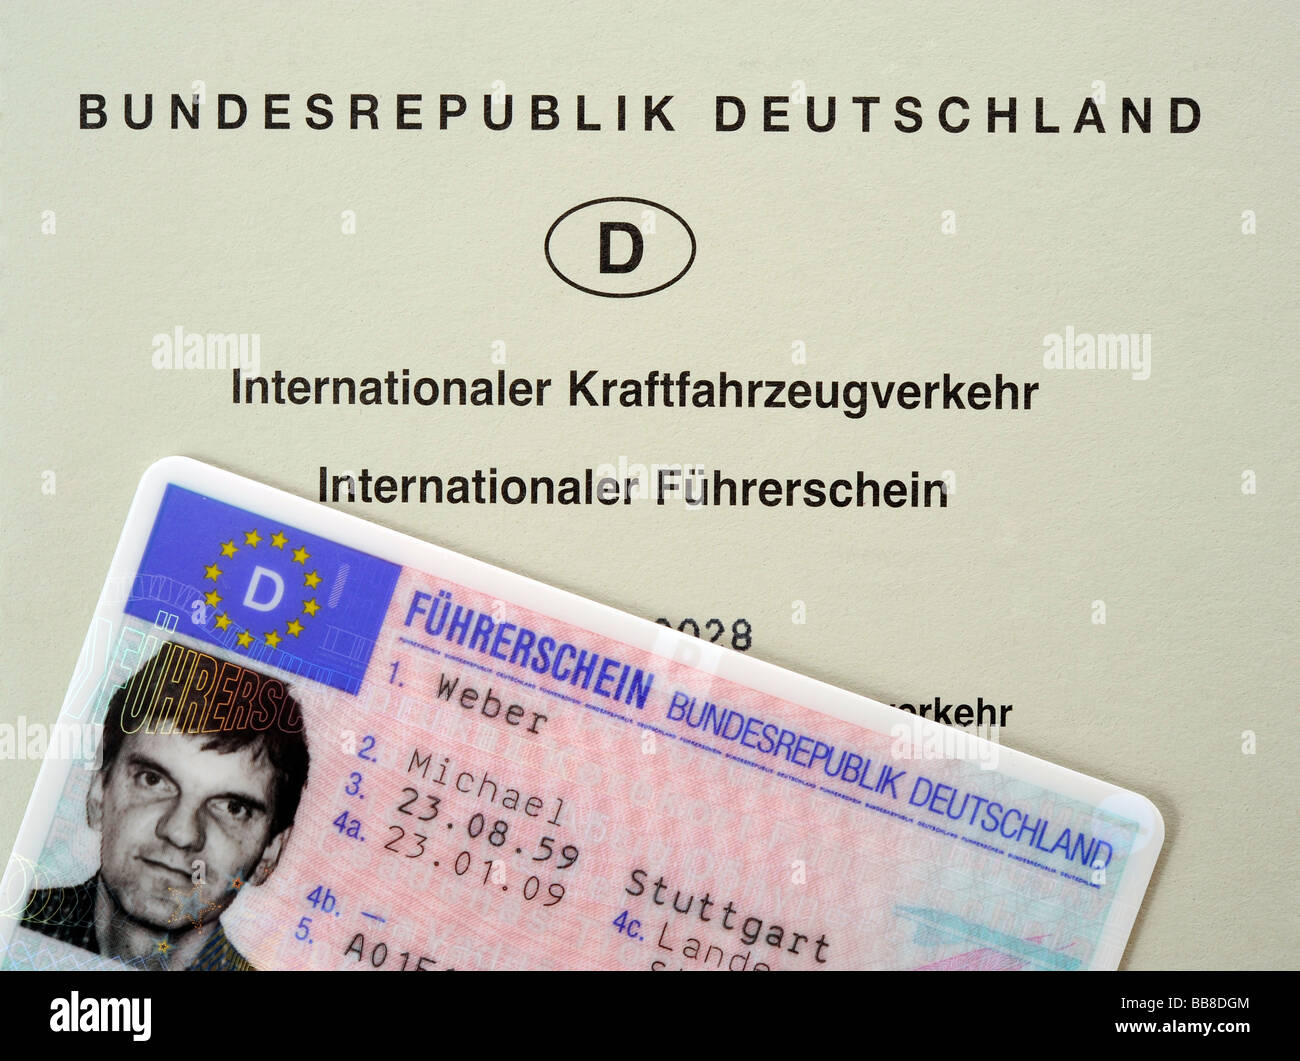 Licencia de conducir internacional y nacional de la República Federal de Alemania Imagen De Stock